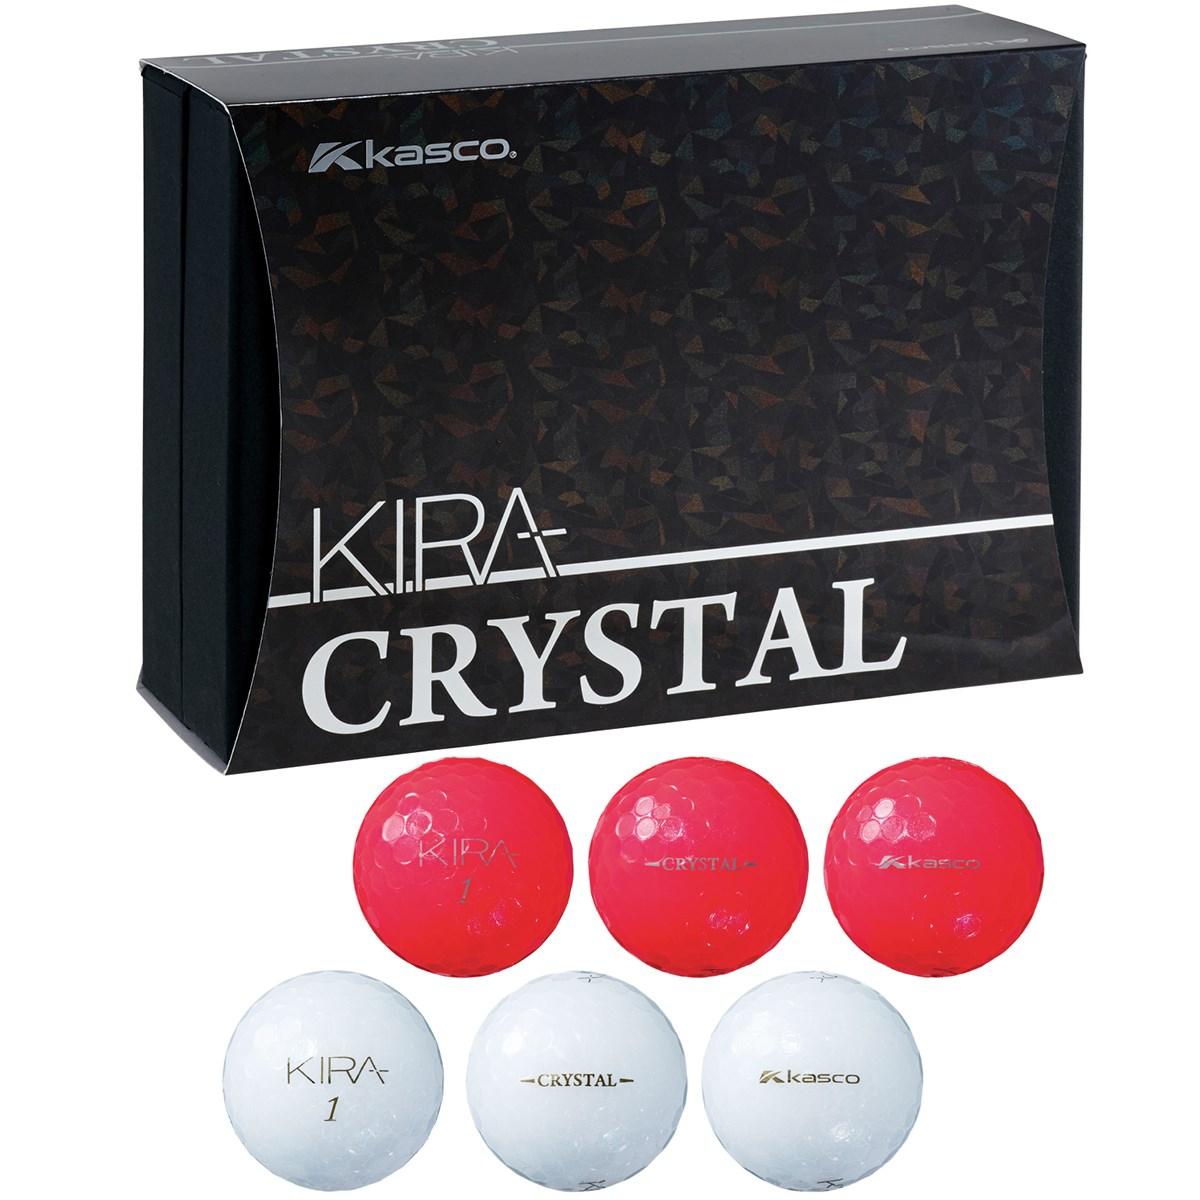 キャスコ(KASCO) KIRA CRYSTAL 紅白ギフト ボール 6個入り